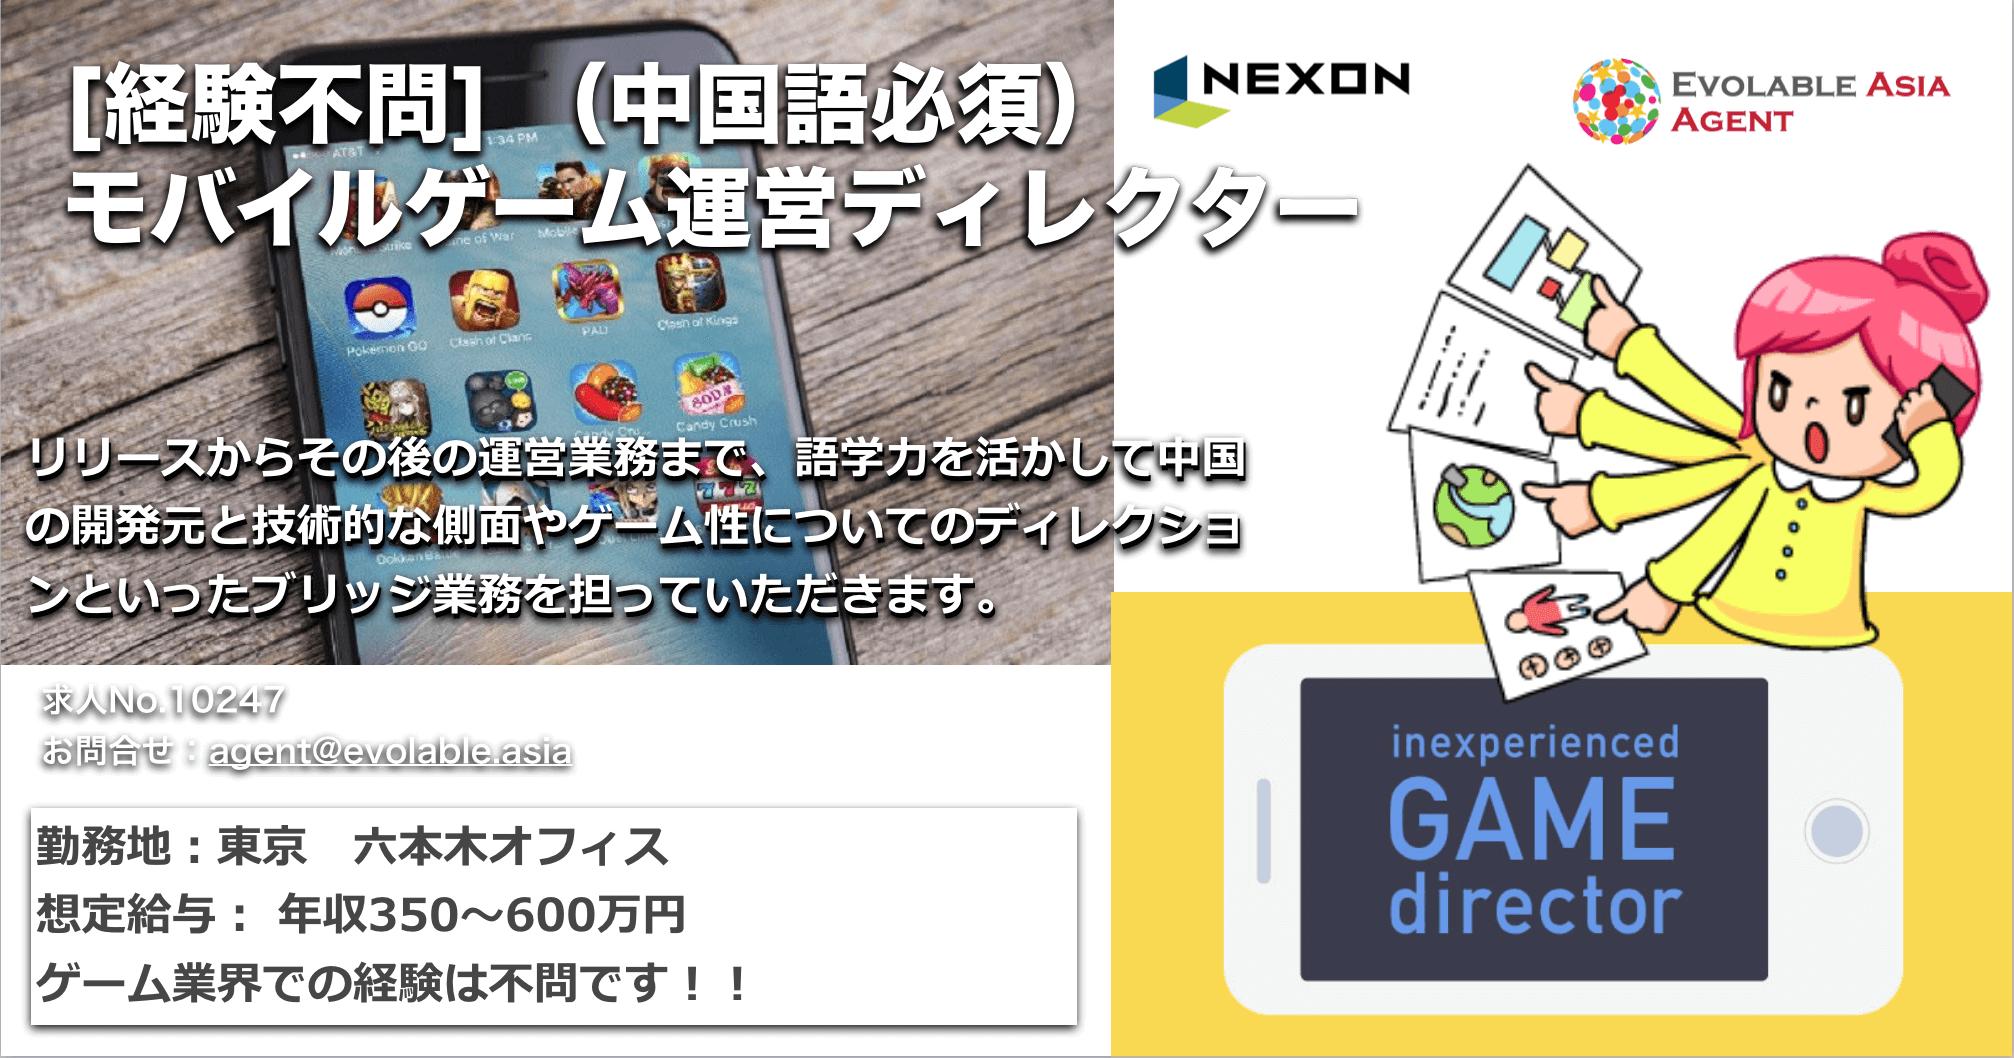 [経験不問]モバイルゲーム運営ディレクター(中国語必須)